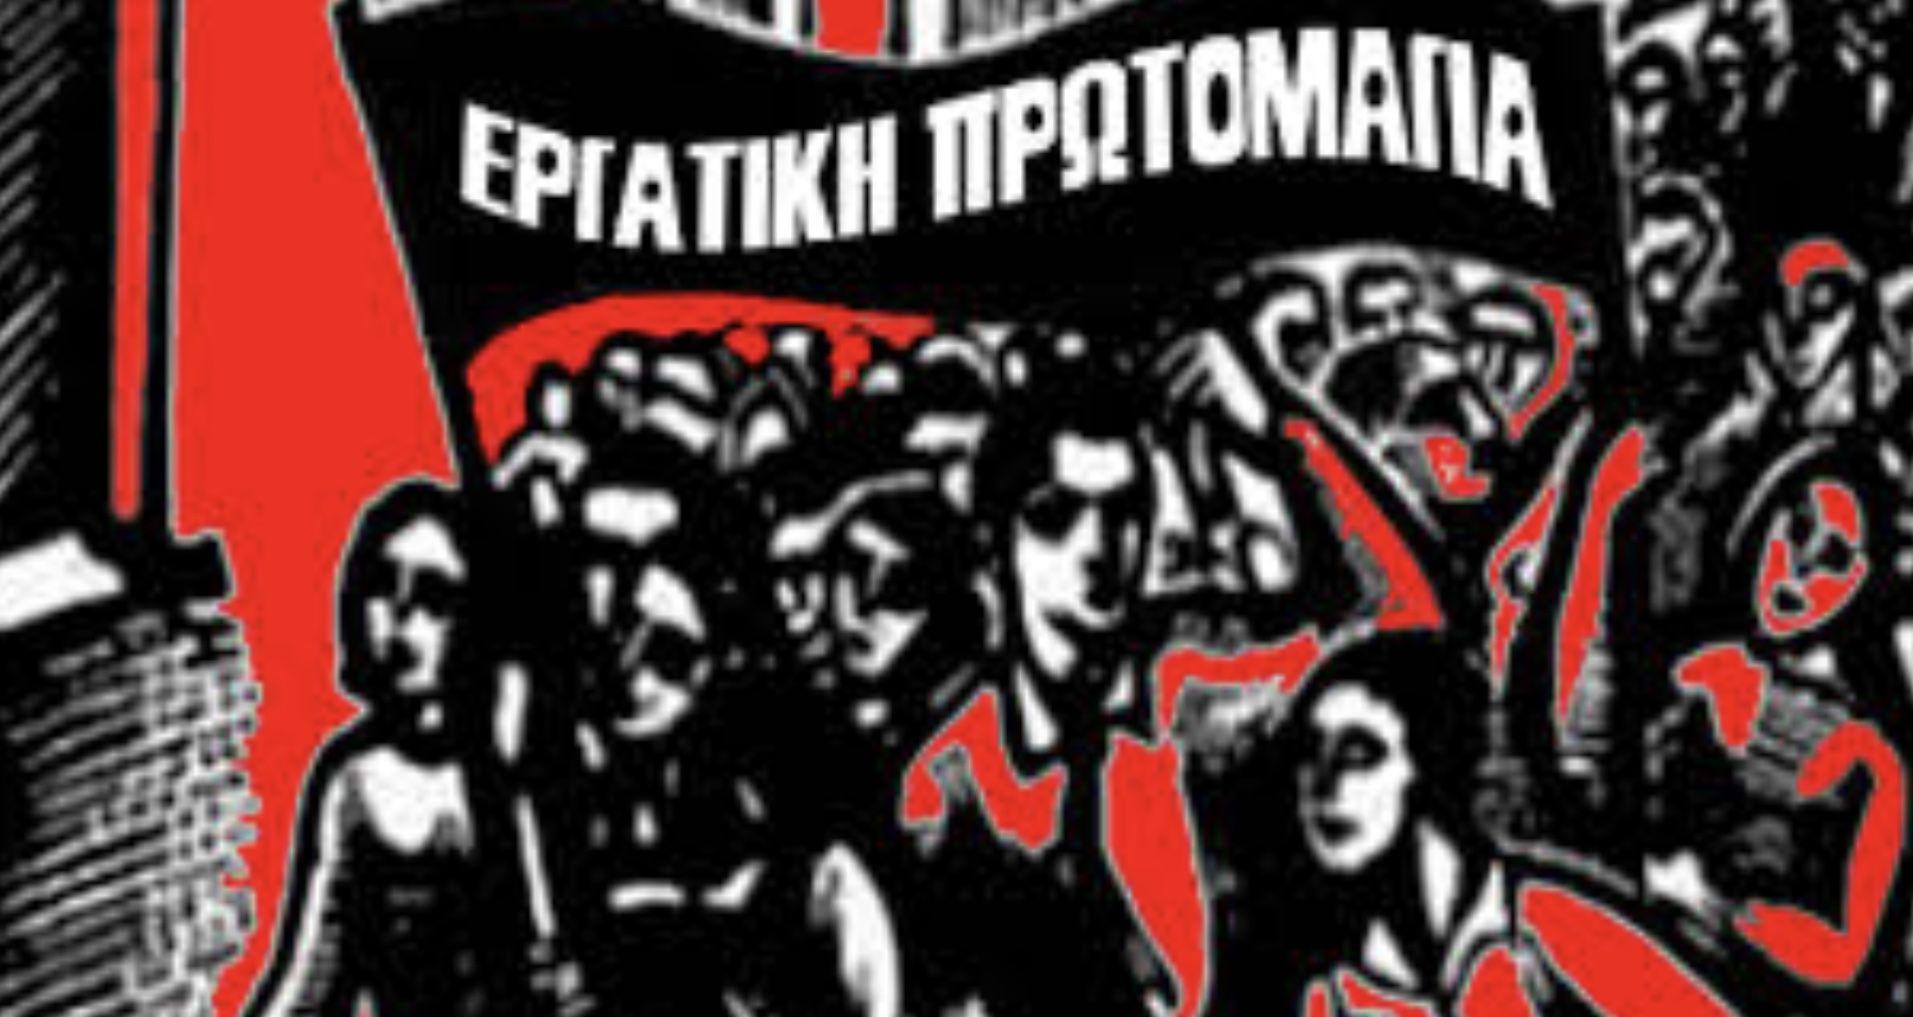 ΓΣΕΕ: 24ωρη απεργία για την Εργατική Πρωτομαγιά την Τρίτη 4 Μαΐου